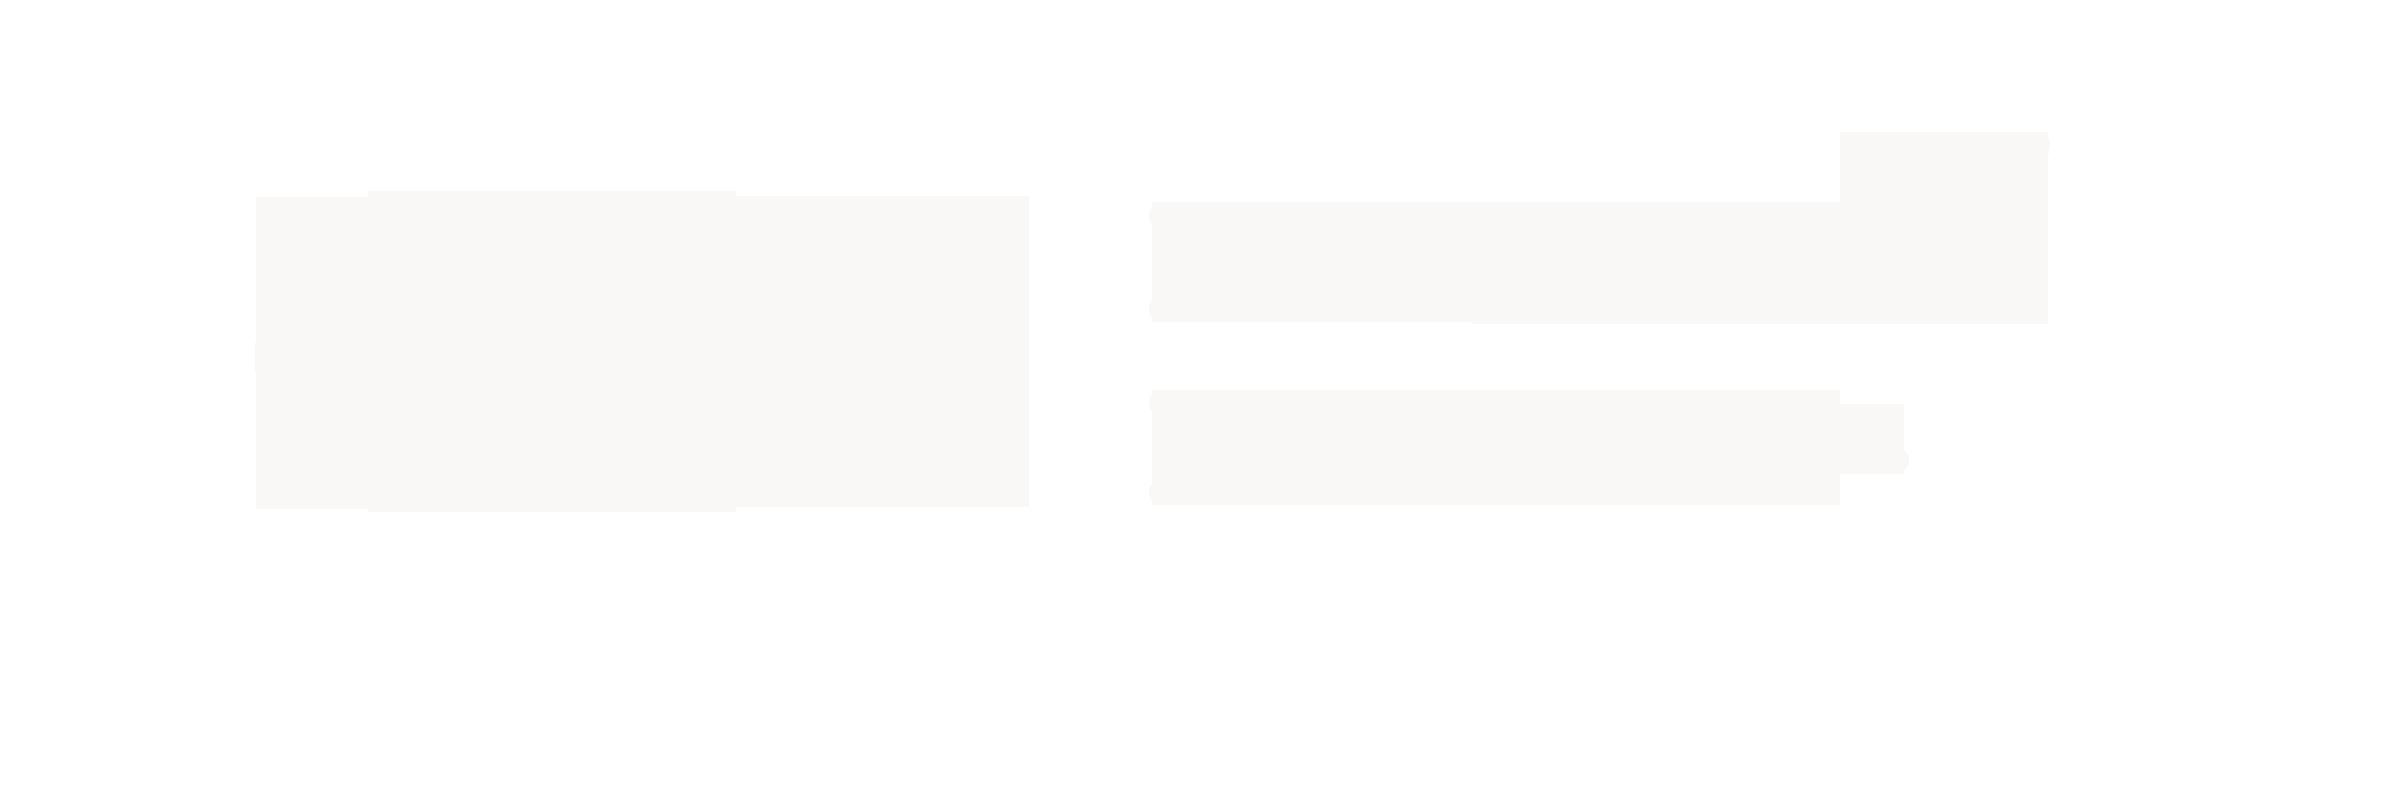 cim-branco-cim